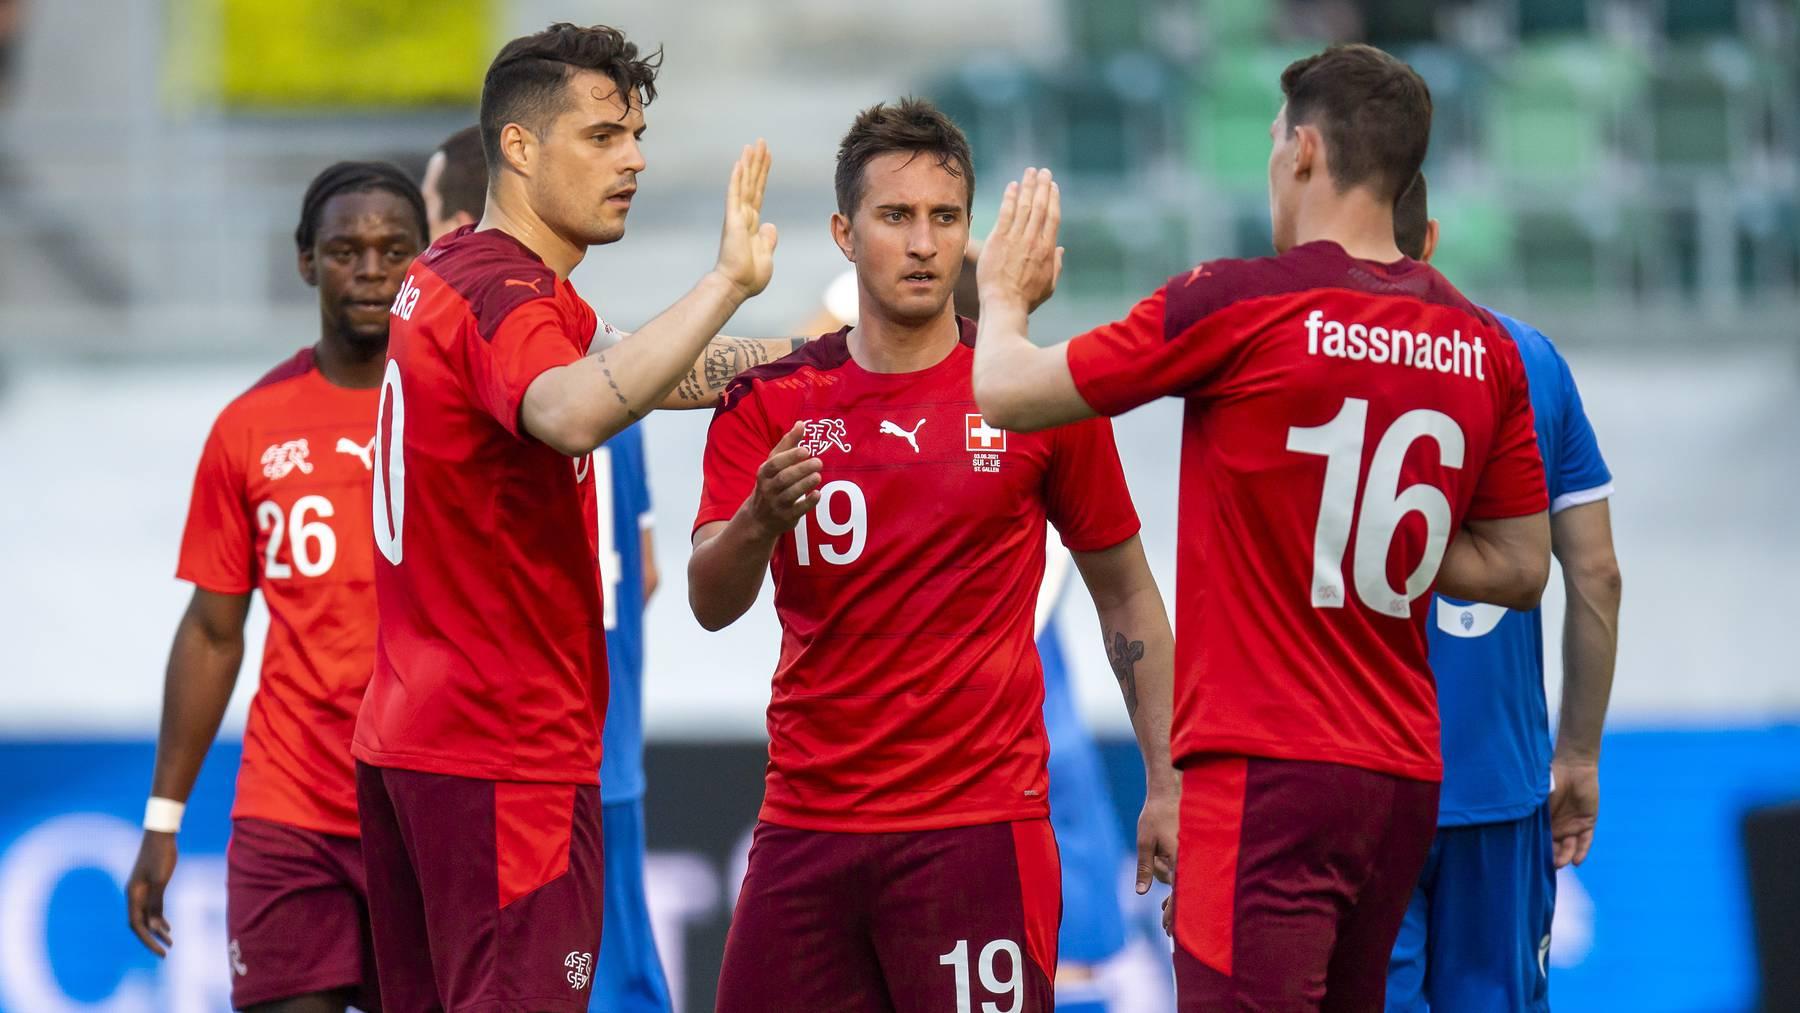 Beim letzten Testspiel vor der EM gegen Nachbar Liechtenstein konnte die Schweiz nochmals Selbstvertrauen tanken.